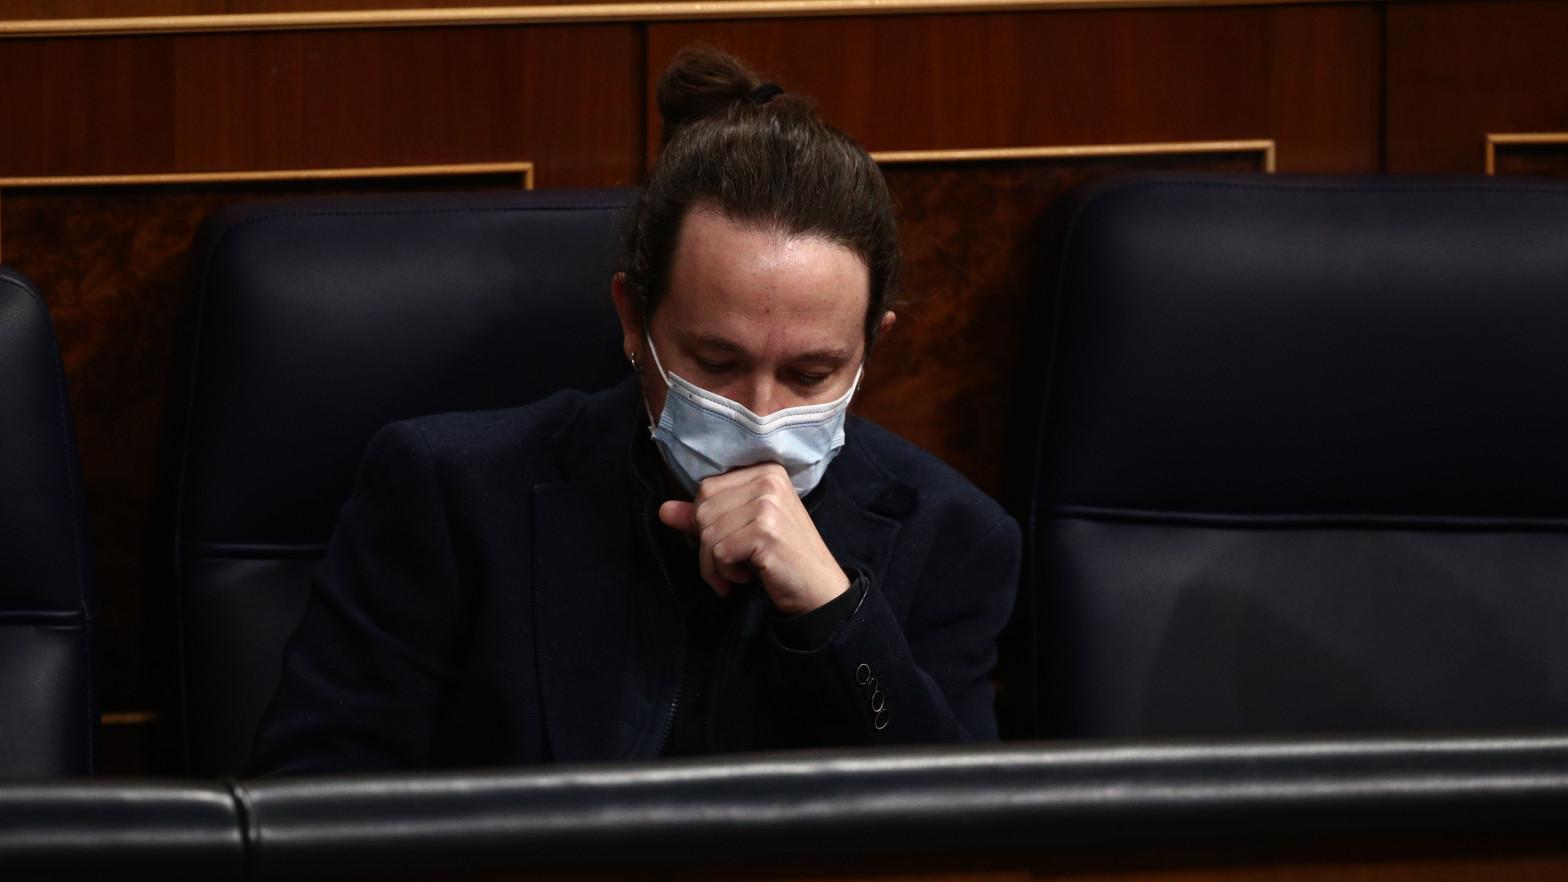 La Fiscalía archiva el caso de Stampa tras descartar revelación de secretos a Podemos